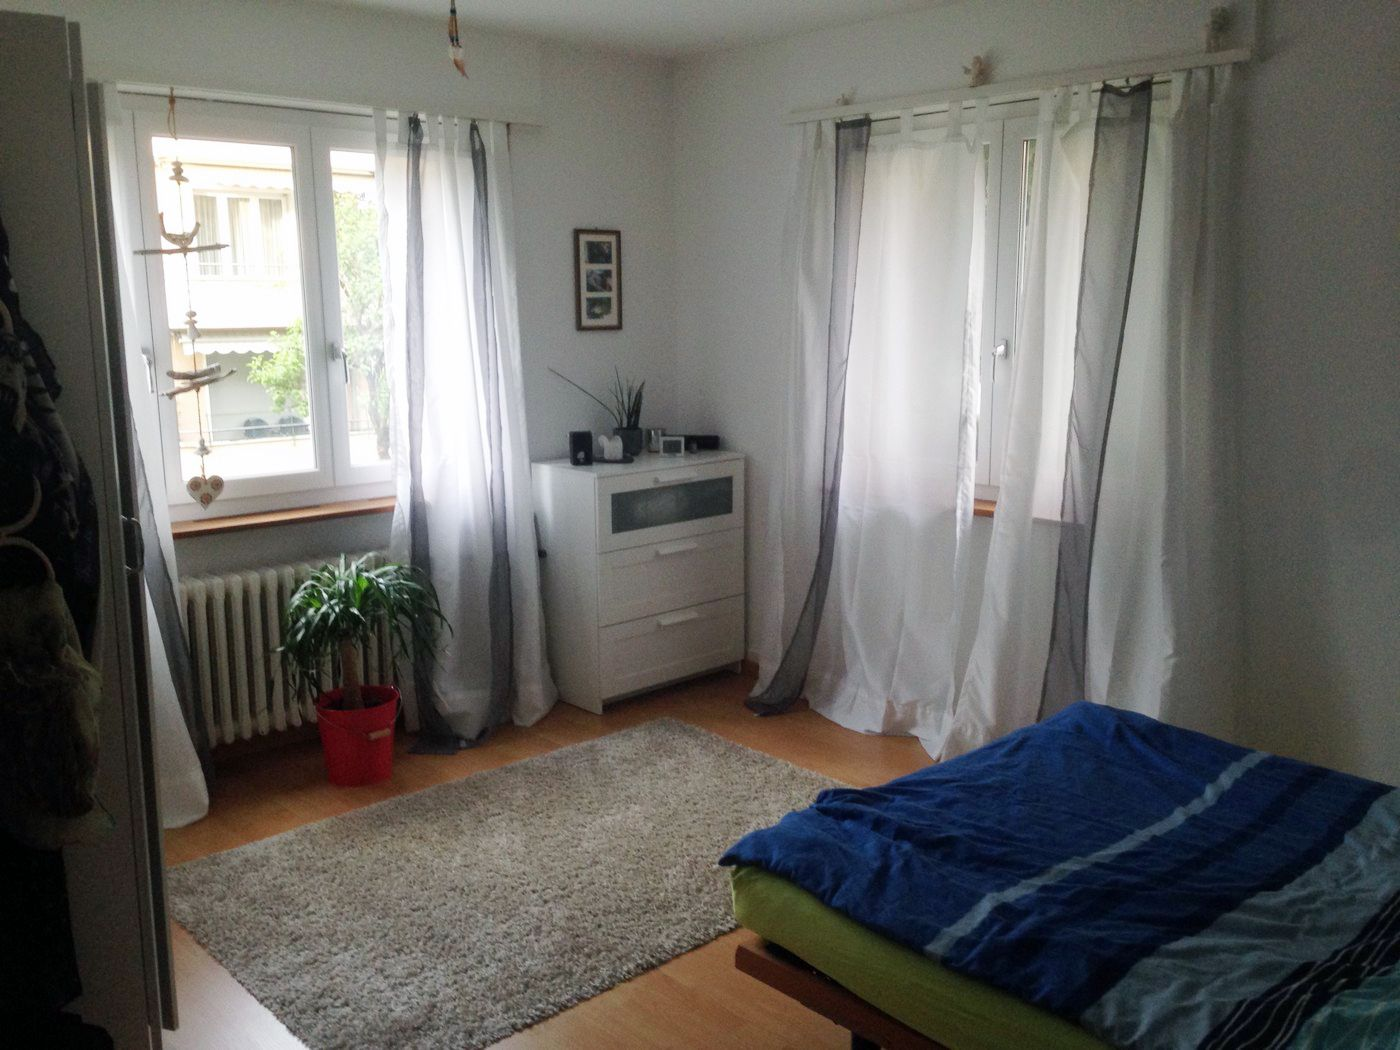 3 Zimmer Wohnung Mit Garten Zurich Https Flatfox Ch De 4998 Utm Source Pinterest Utm Medium Social Utm Content Wohnung 3 Zimmer Wohnung Wohnung Mit Garten